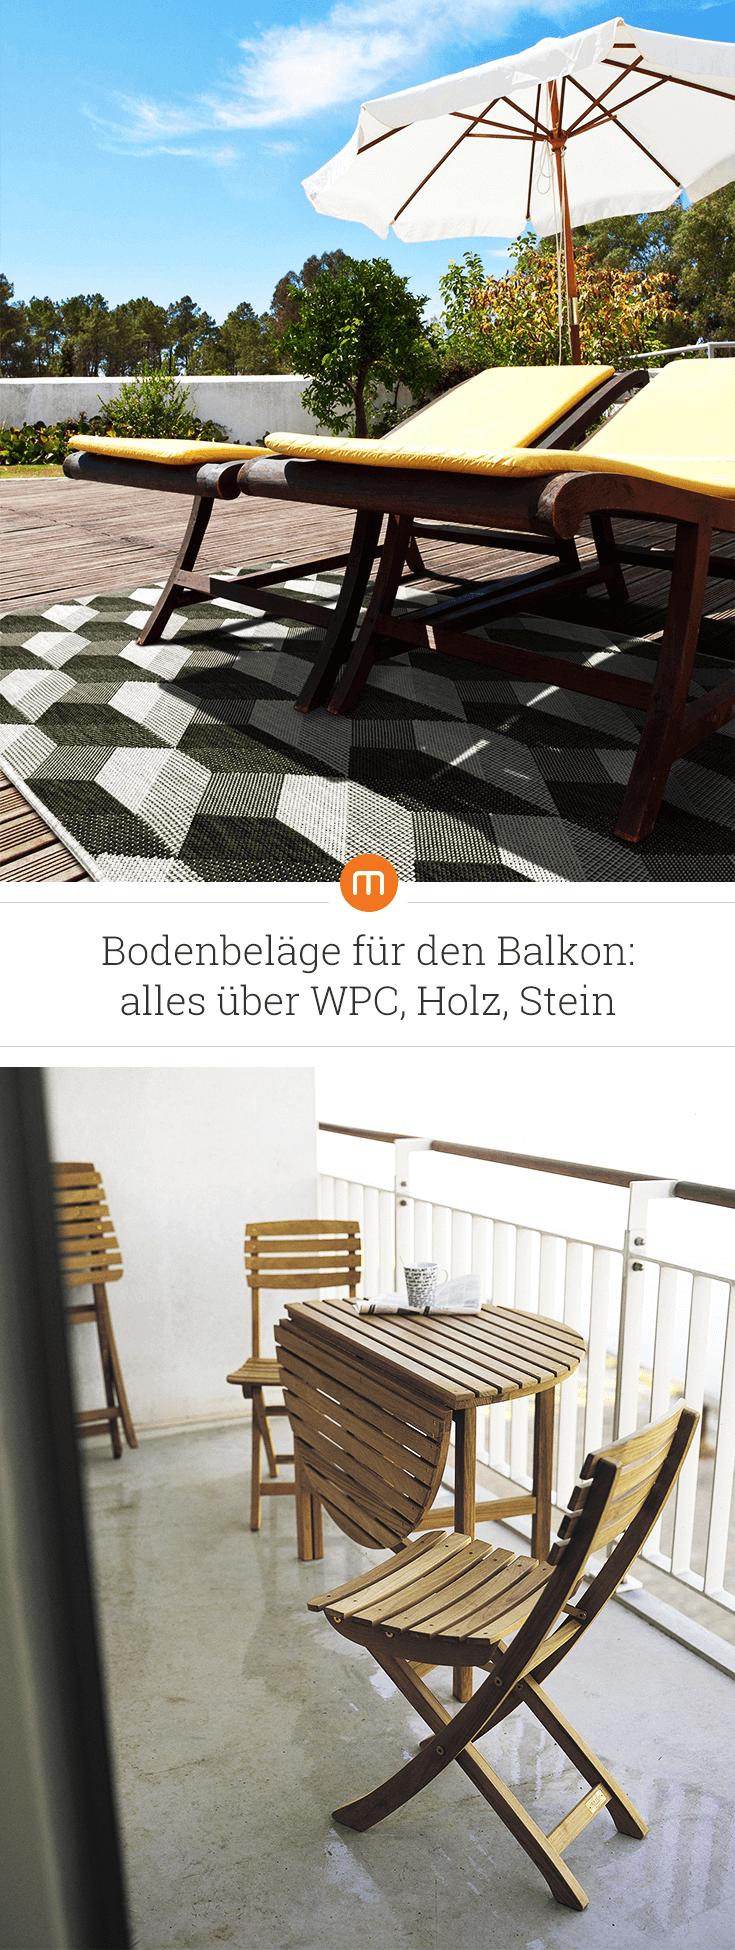 bodenbel ge f r den balkon alles ber wpc holz stein lies in unserem guide welcher. Black Bedroom Furniture Sets. Home Design Ideas